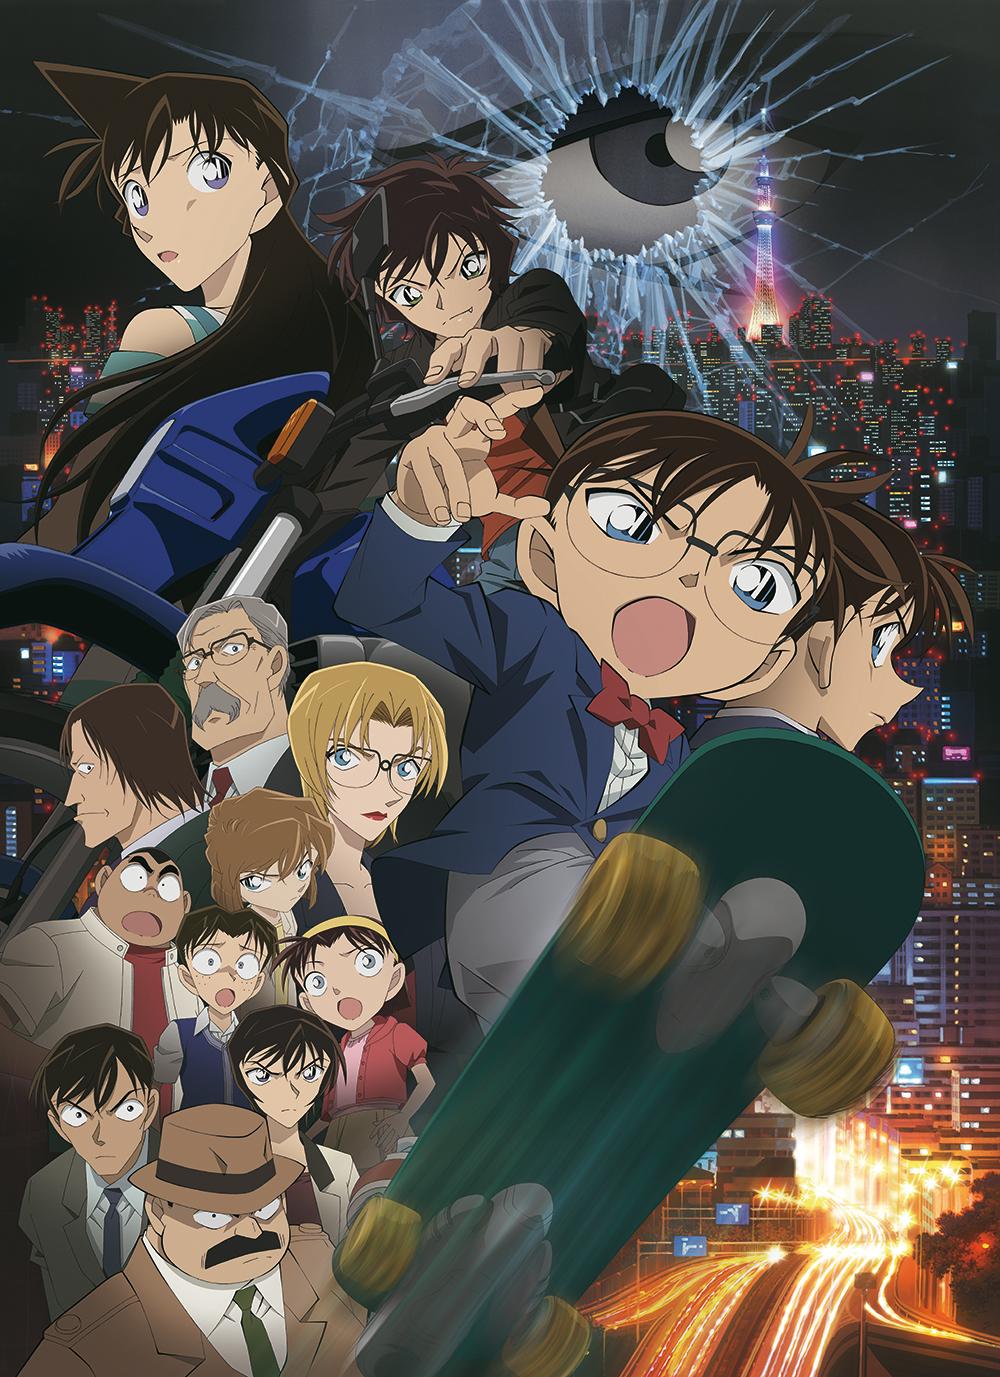 Detektiv Conan 18 Film Der Scharfschütze aus einer anderen Dimension